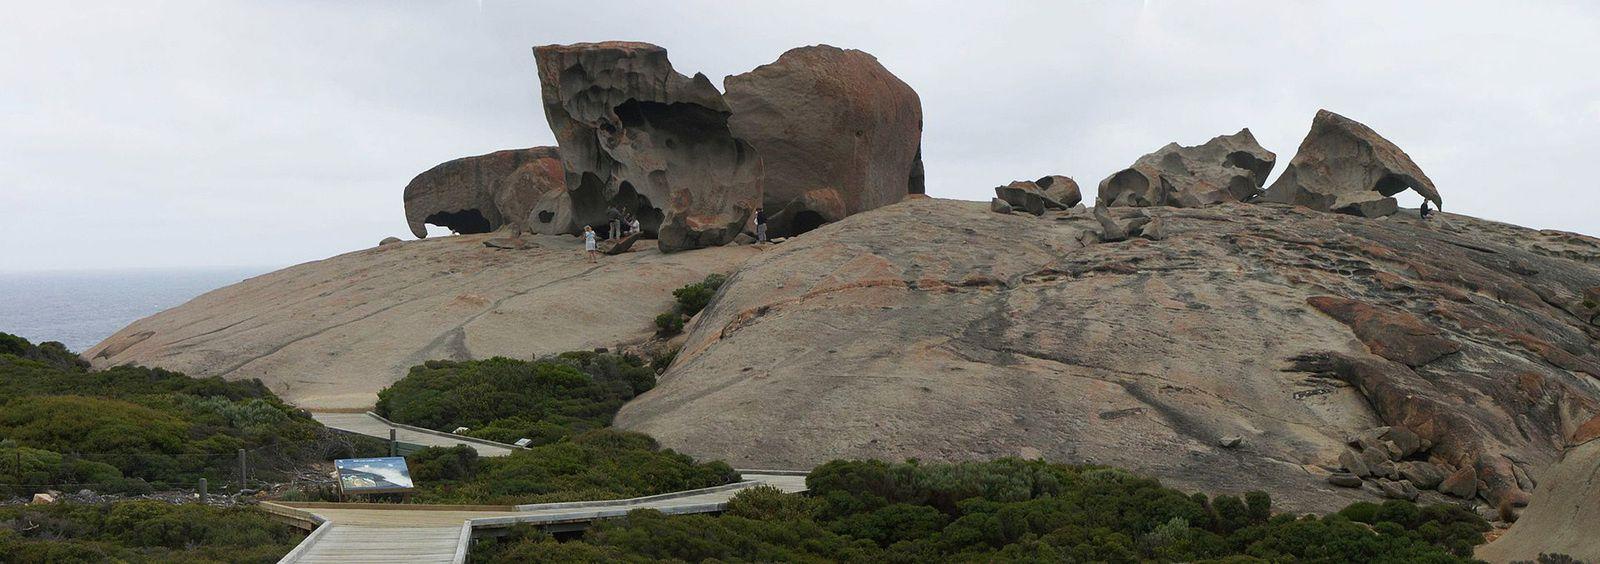 Les personnages donnent un aperçu de la dimension des rochers. Ph. Delahaye.